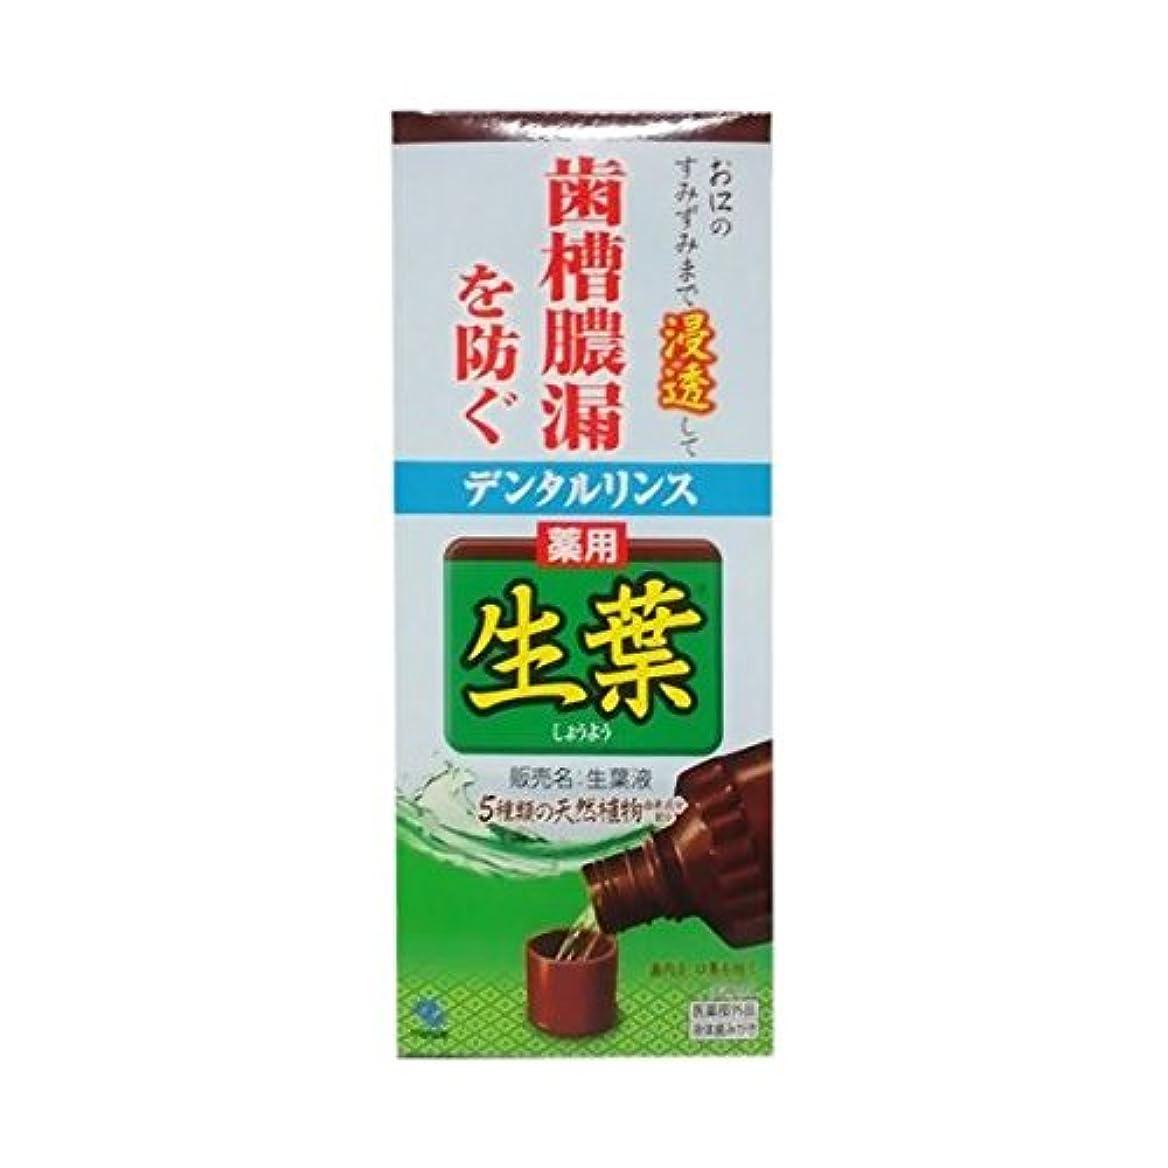 確立方法自己【お徳用 3 セット】 薬用 生葉液 330ml×3セット